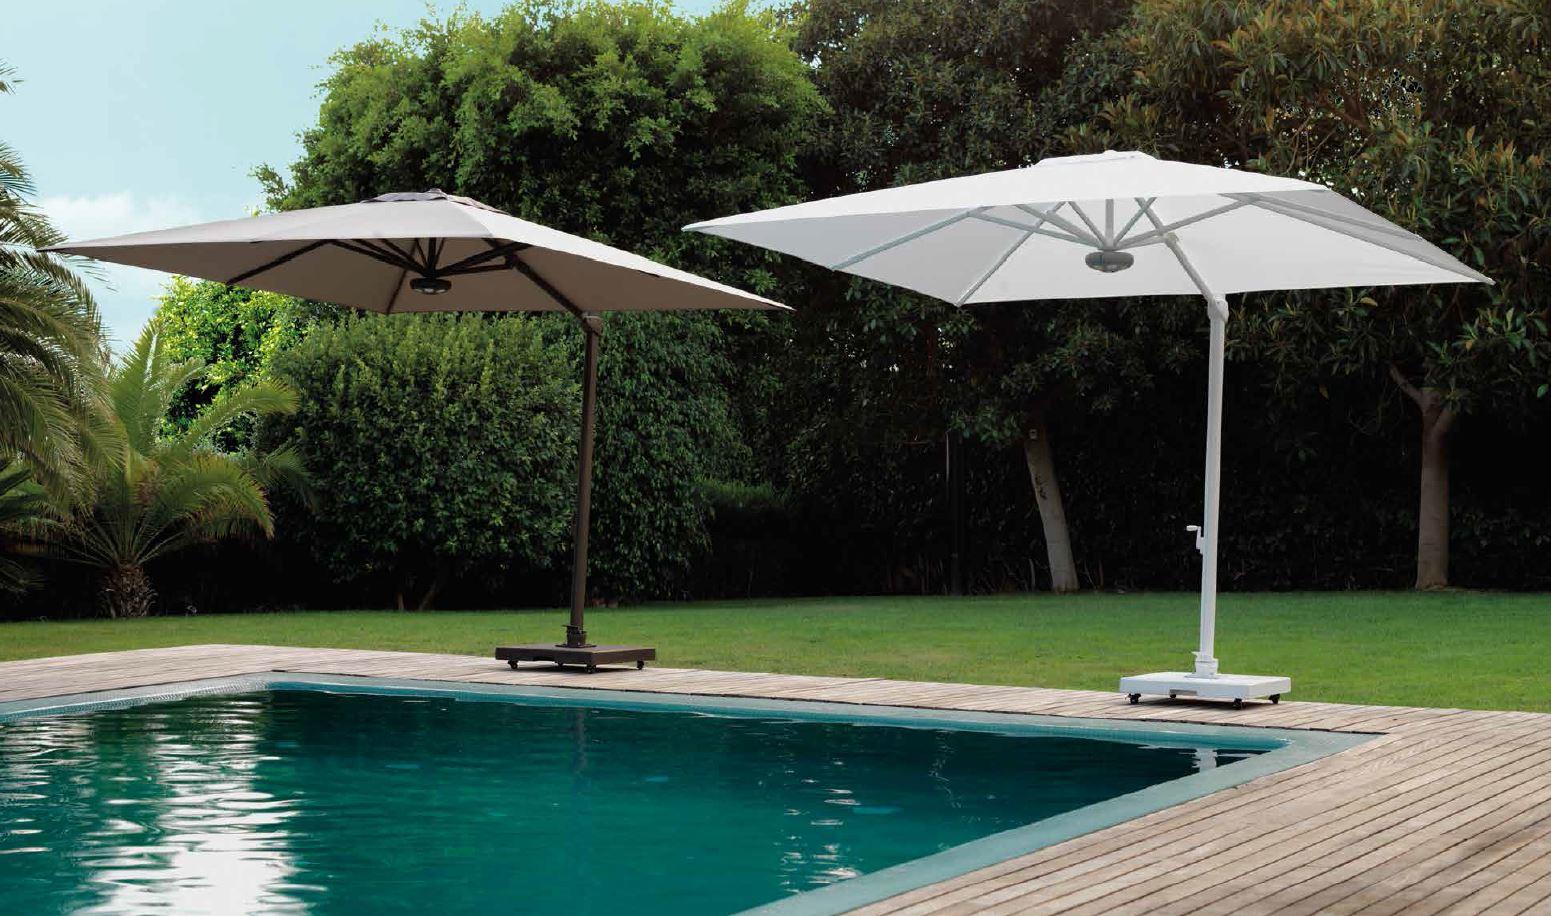 Ombrellone marte parasol talenti maffei sistemi srl vendita